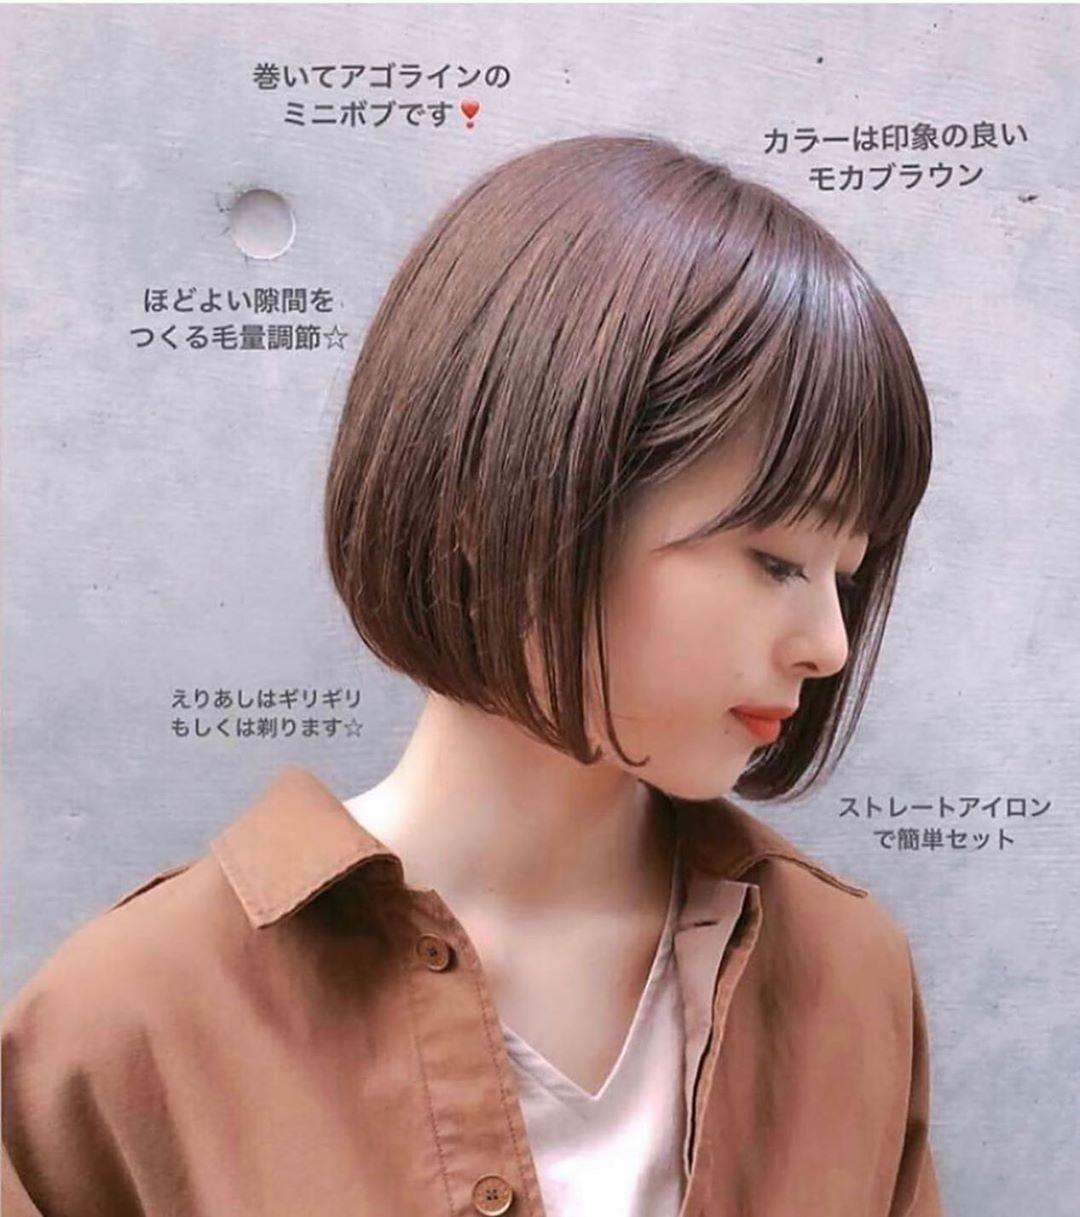 ボブ ショート 美容師 Sand銀座 副店長 ガベユウキ On Instagram